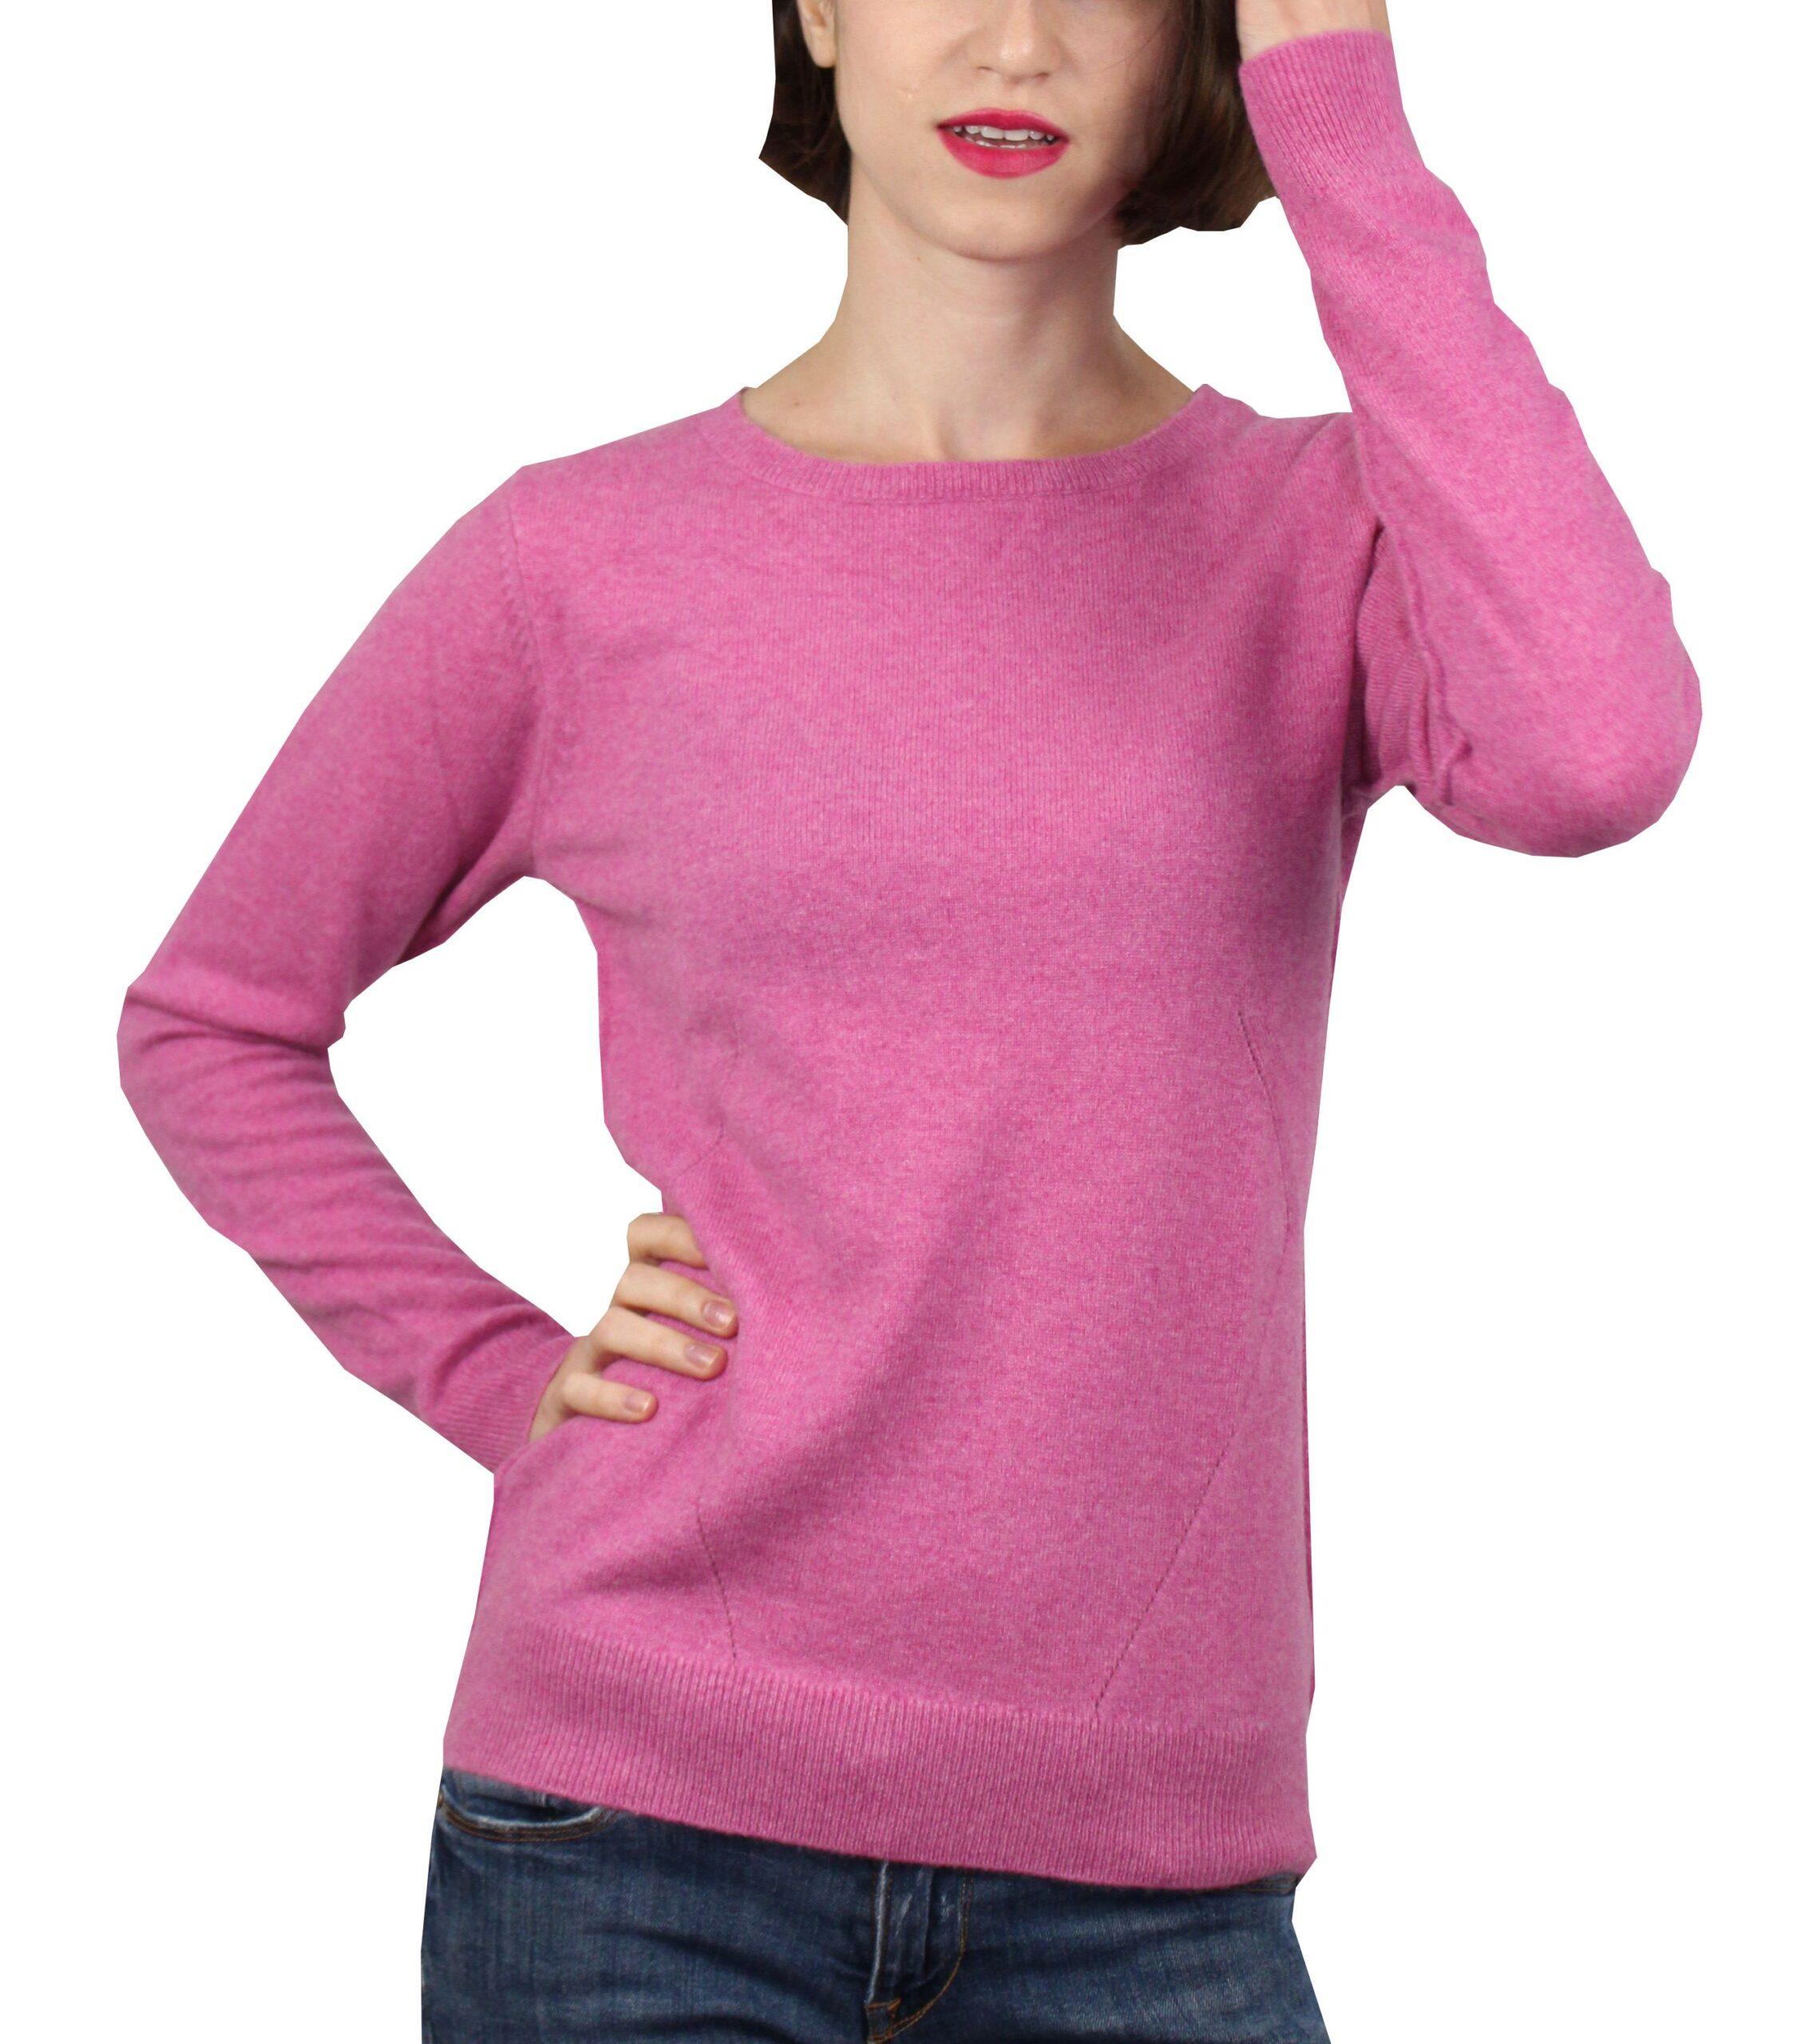 Mavis1907 maglia girocollo con lavorazione traforata rosa